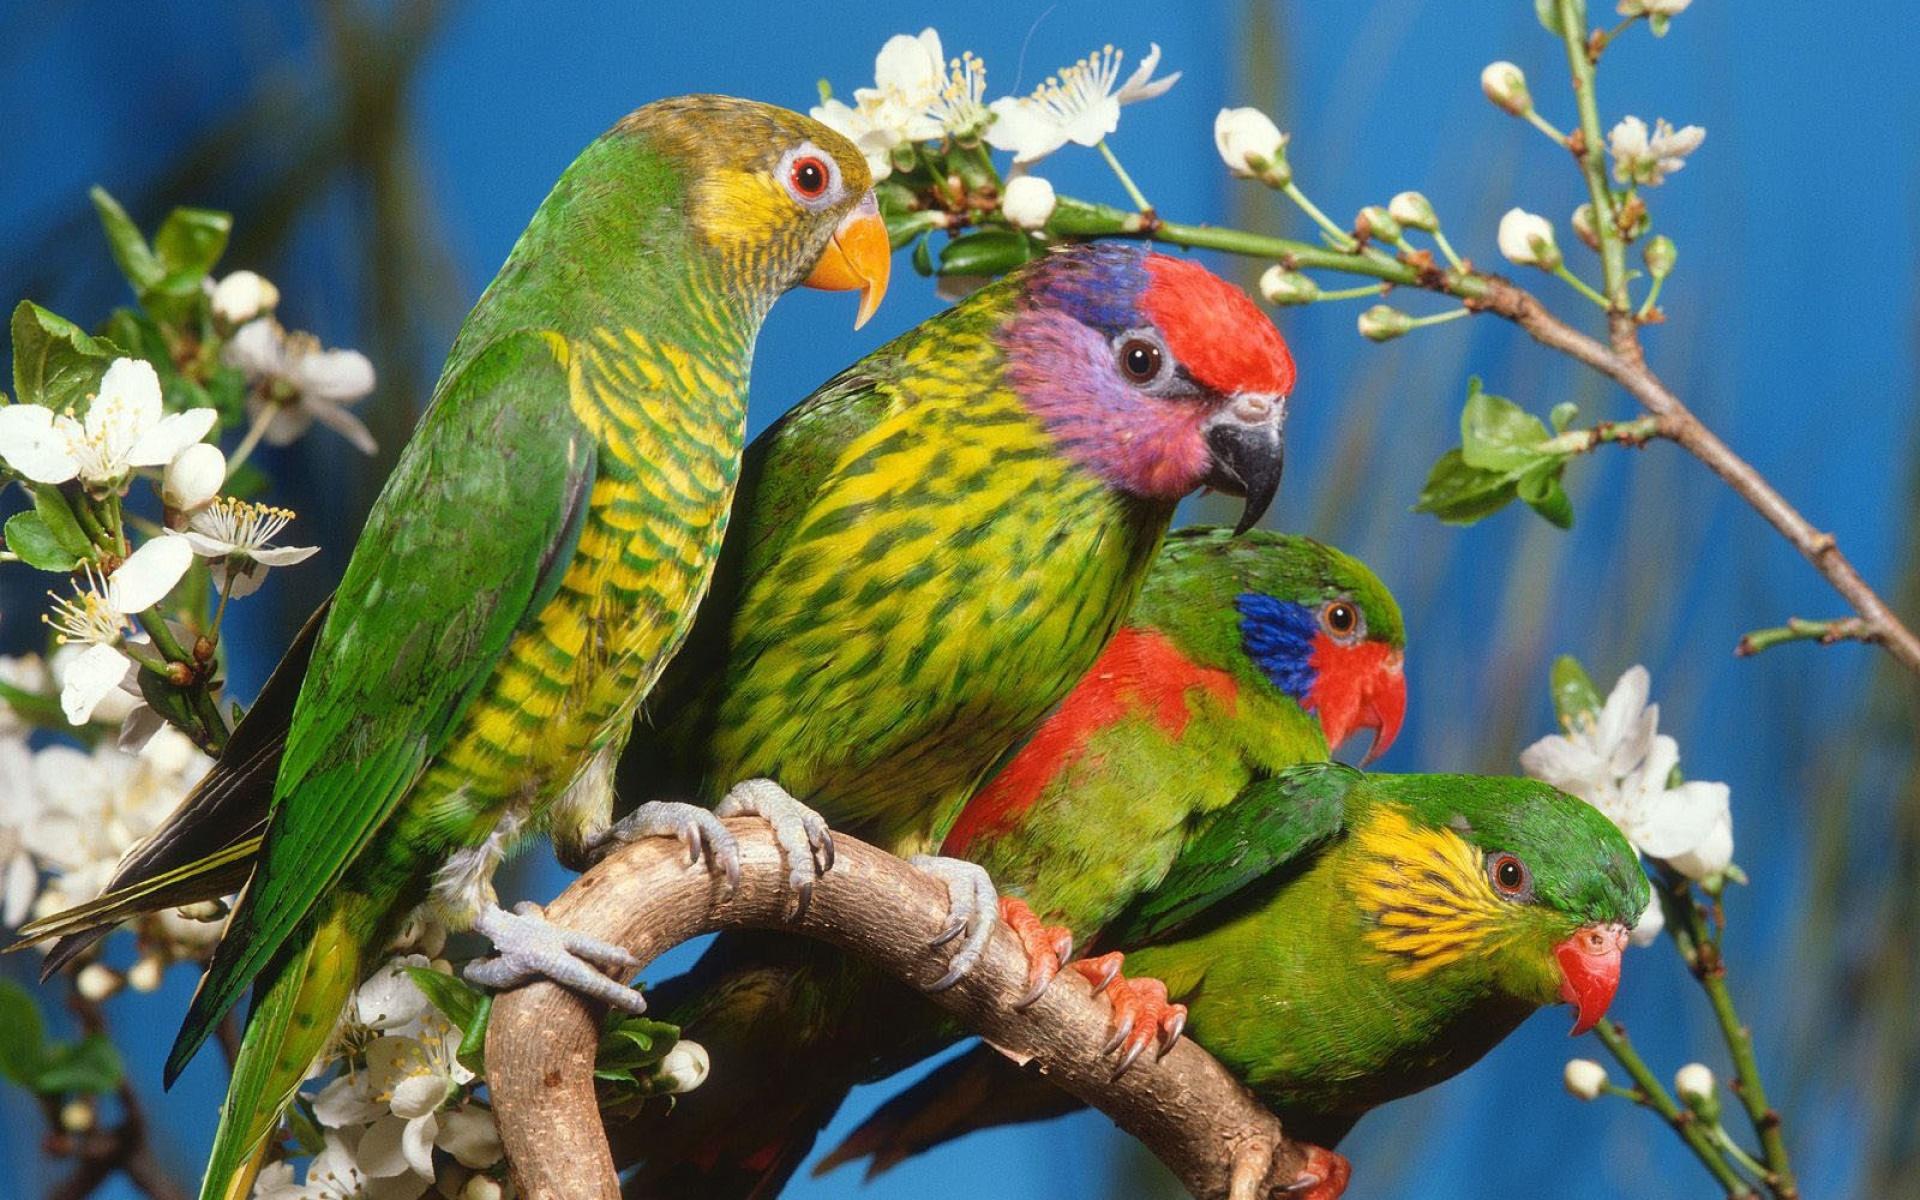 بالصور اجمل الطيور في العالم , تعرف علي اجمل واروع اشكال الطيور 3467 6